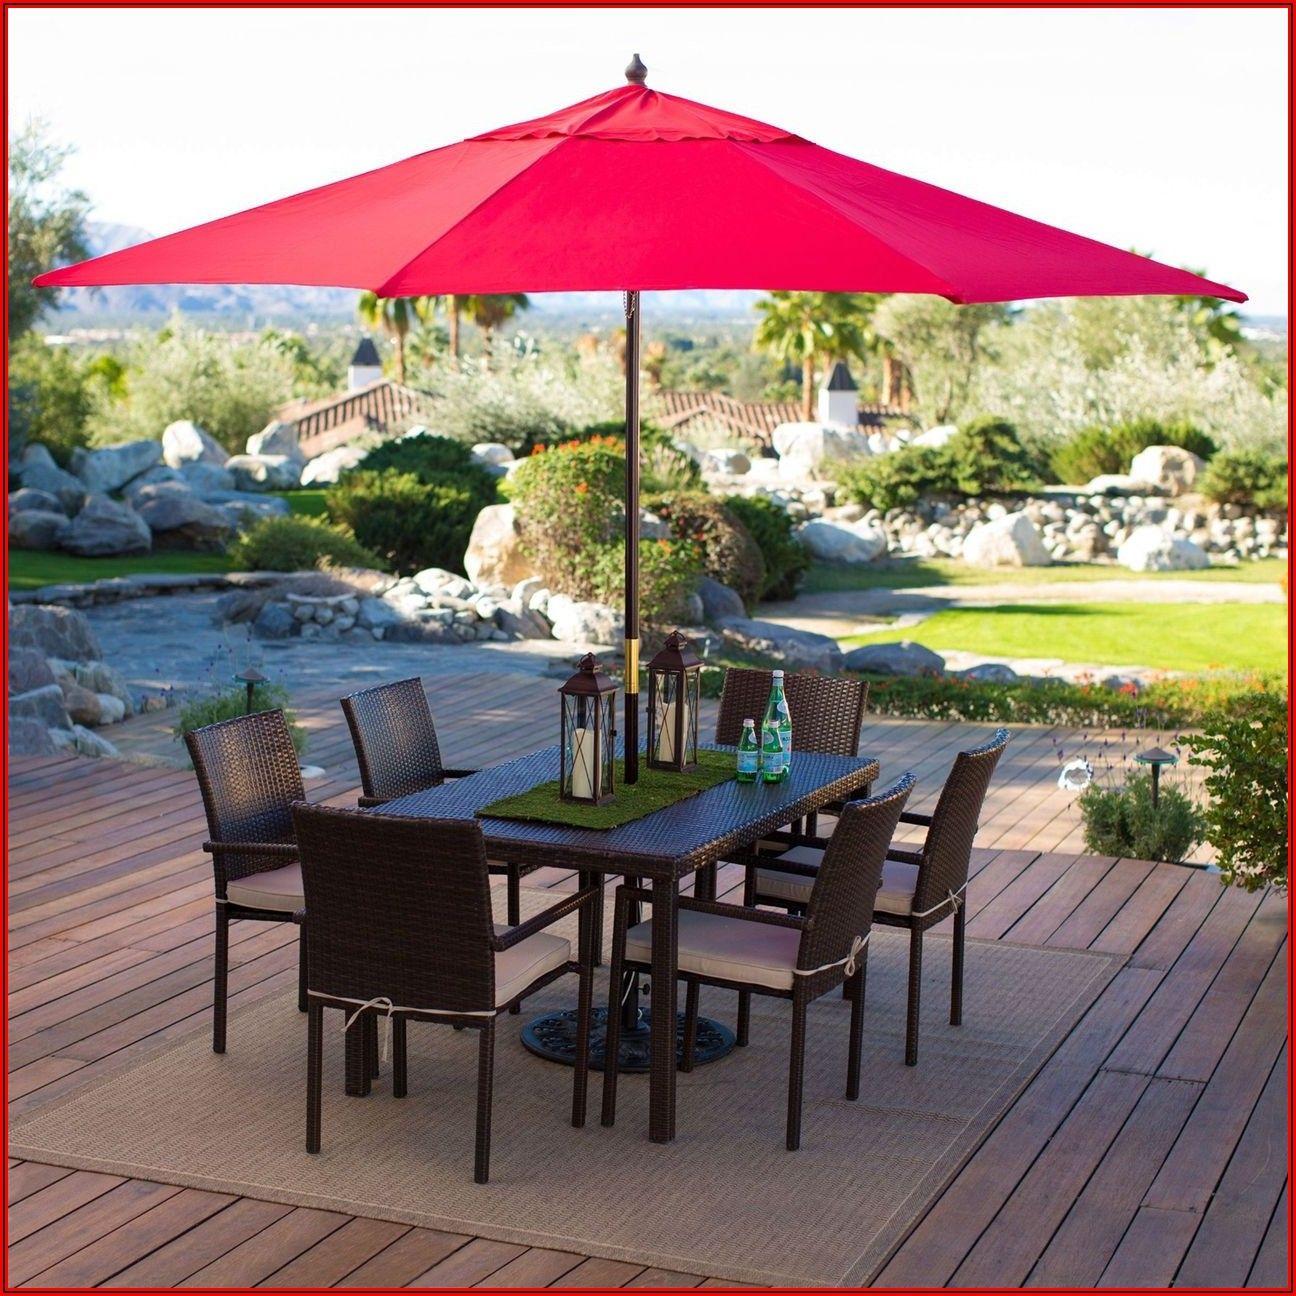 11 Ft Red Patio Umbrella